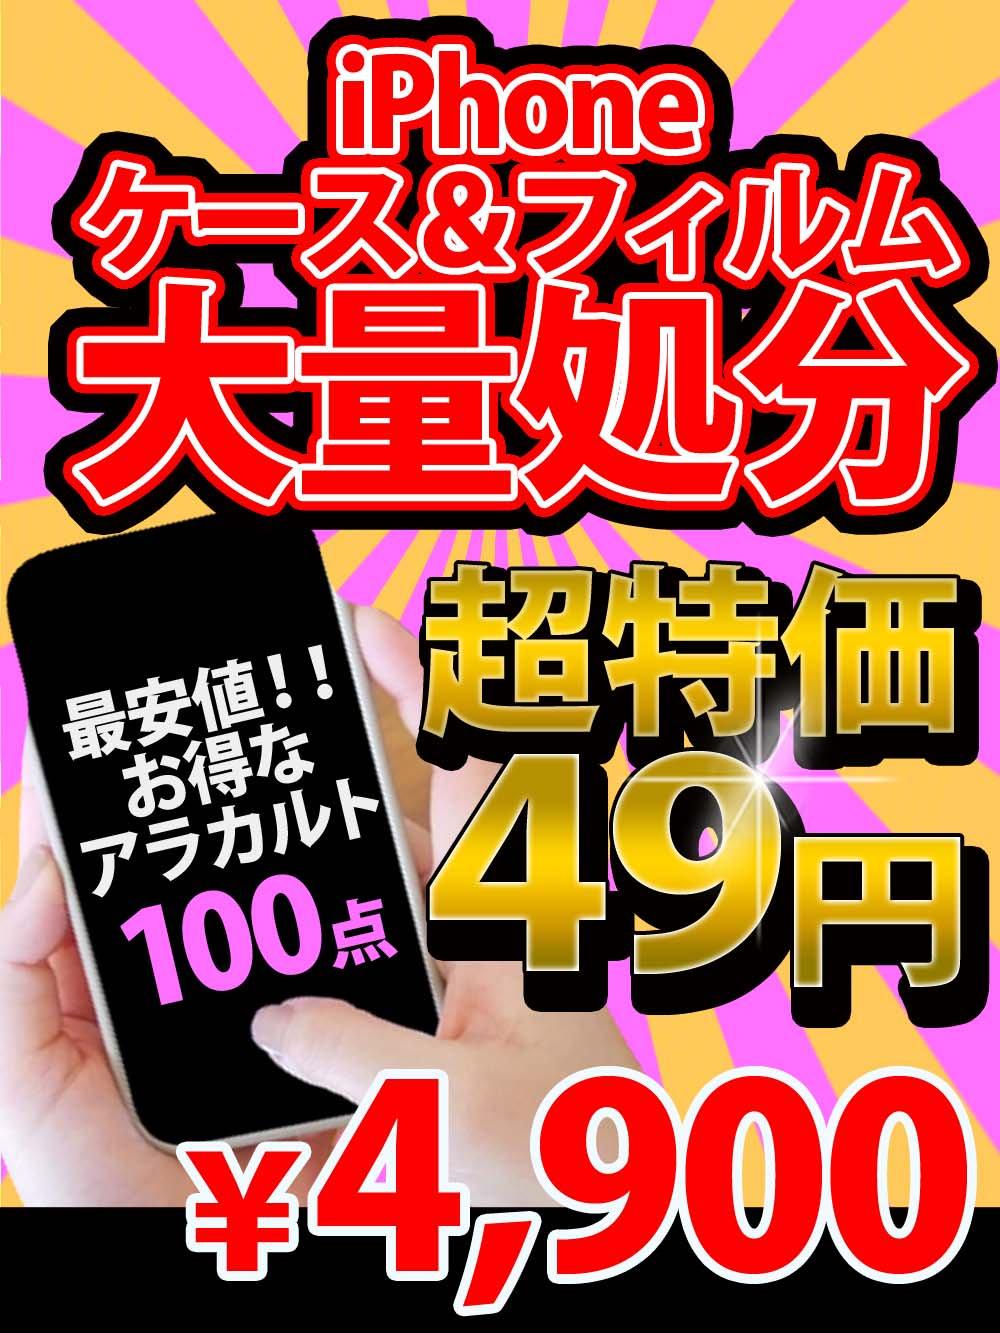 【緊急大放出49円】上代90%OFF以上確定!スマホケース&フィルムアソート iPad/iPhone/Xperia/GALAXY/…多種対応【100点】@49